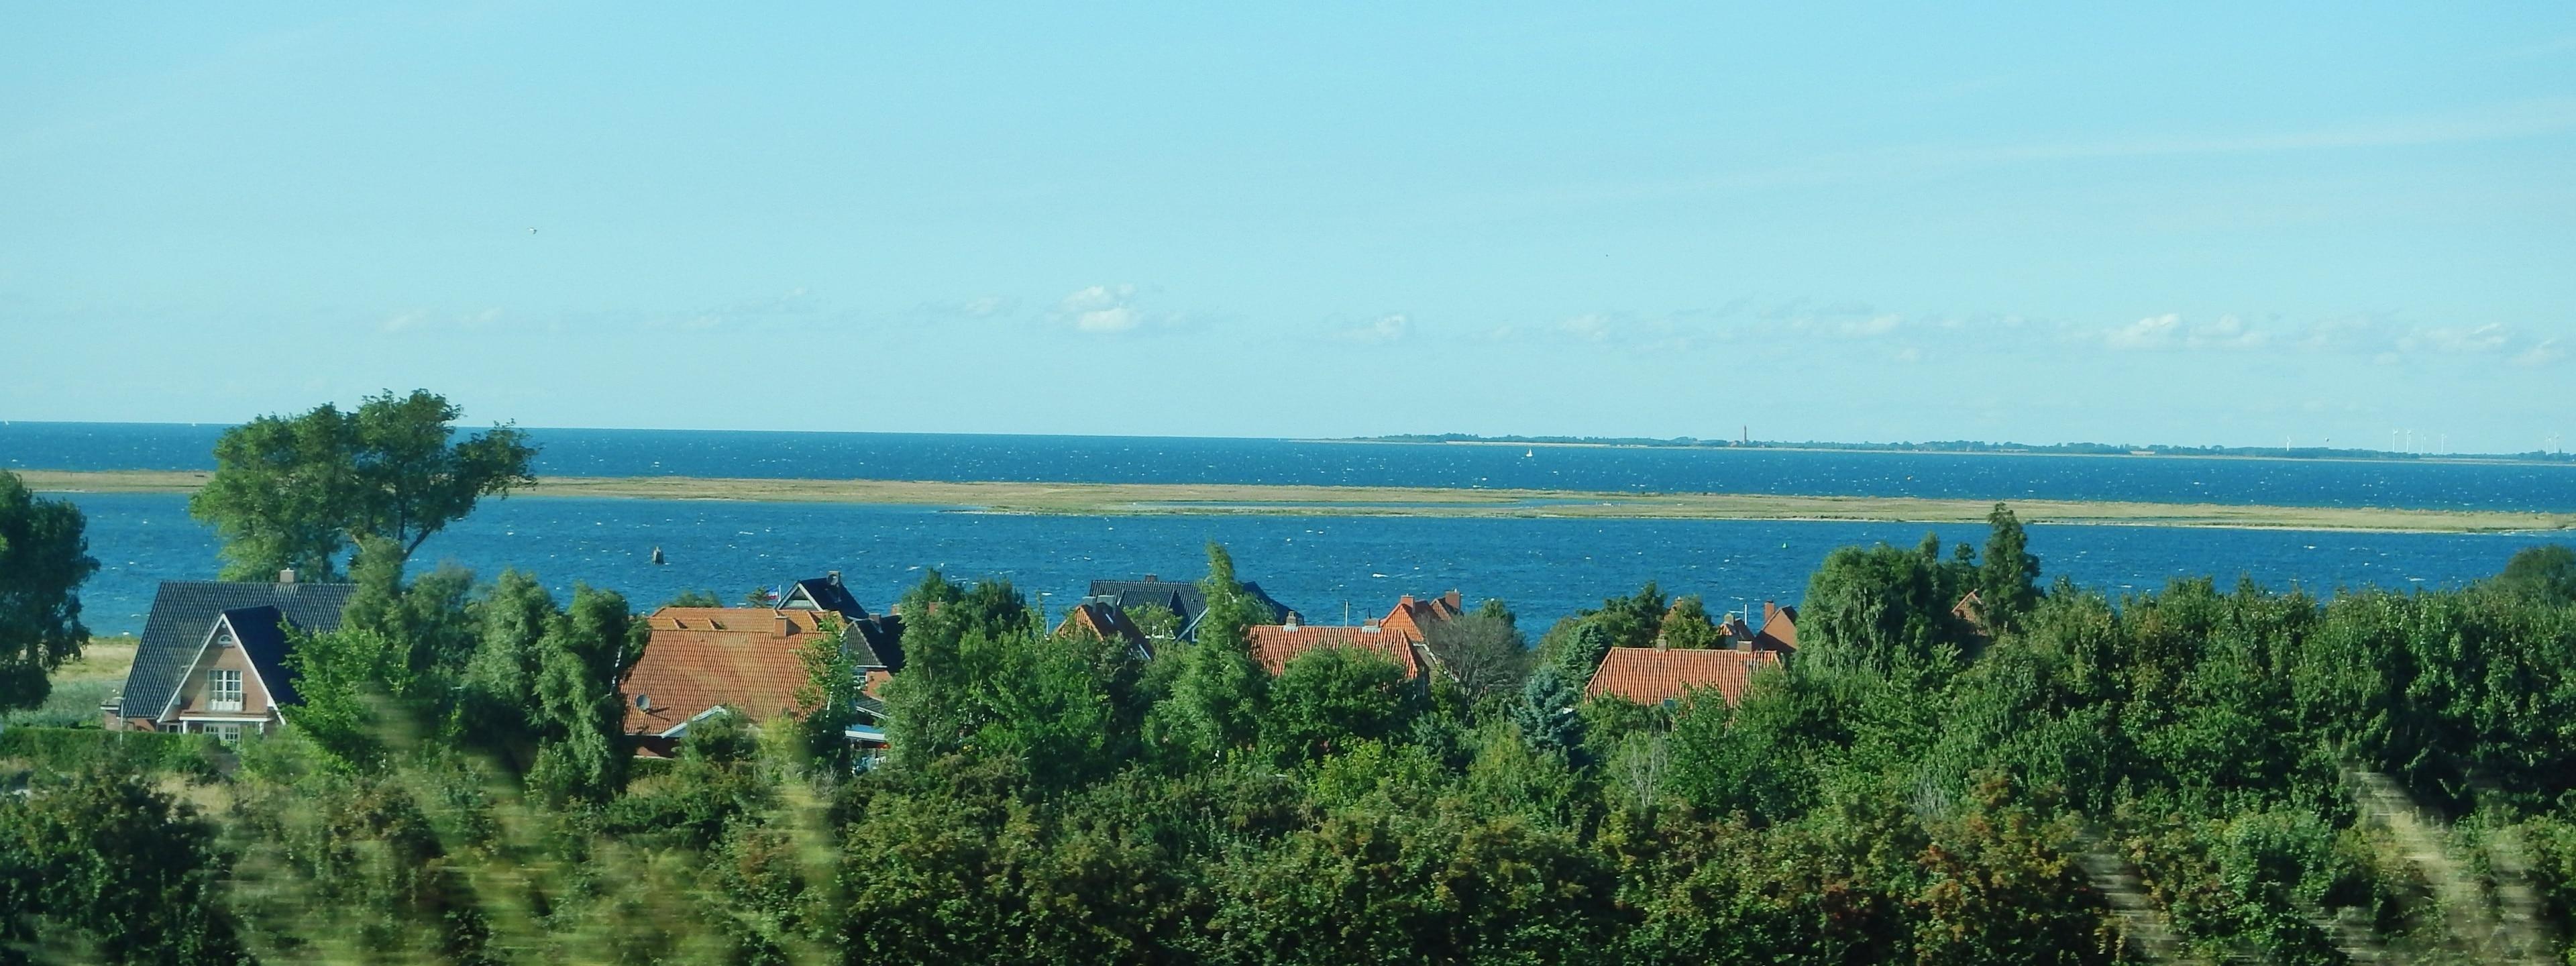 Großenbrode, Schleswig-Holstein, Deutschland